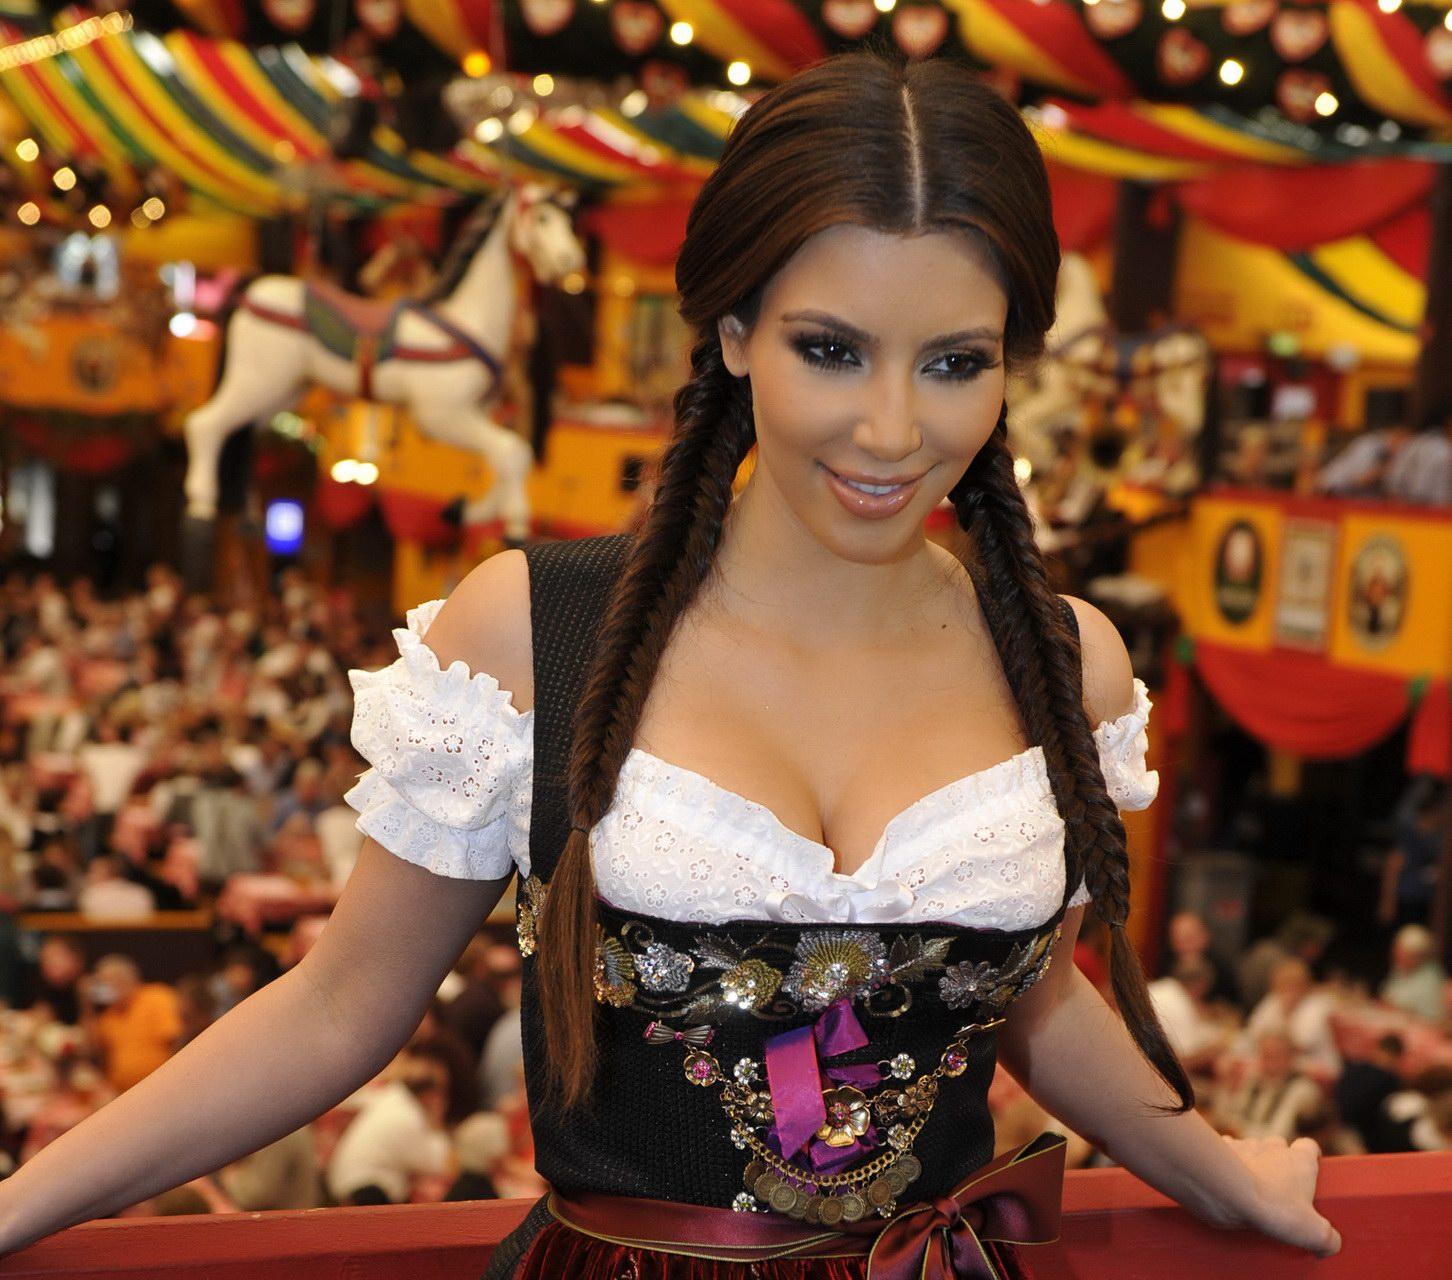 http://1.bp.blogspot.com/-PMeUV9vj8Jg/Tca_nzgn3II/AAAAAAAAF7g/4asCcu7j1TI/s1600/kim_kardashian_09.jpg